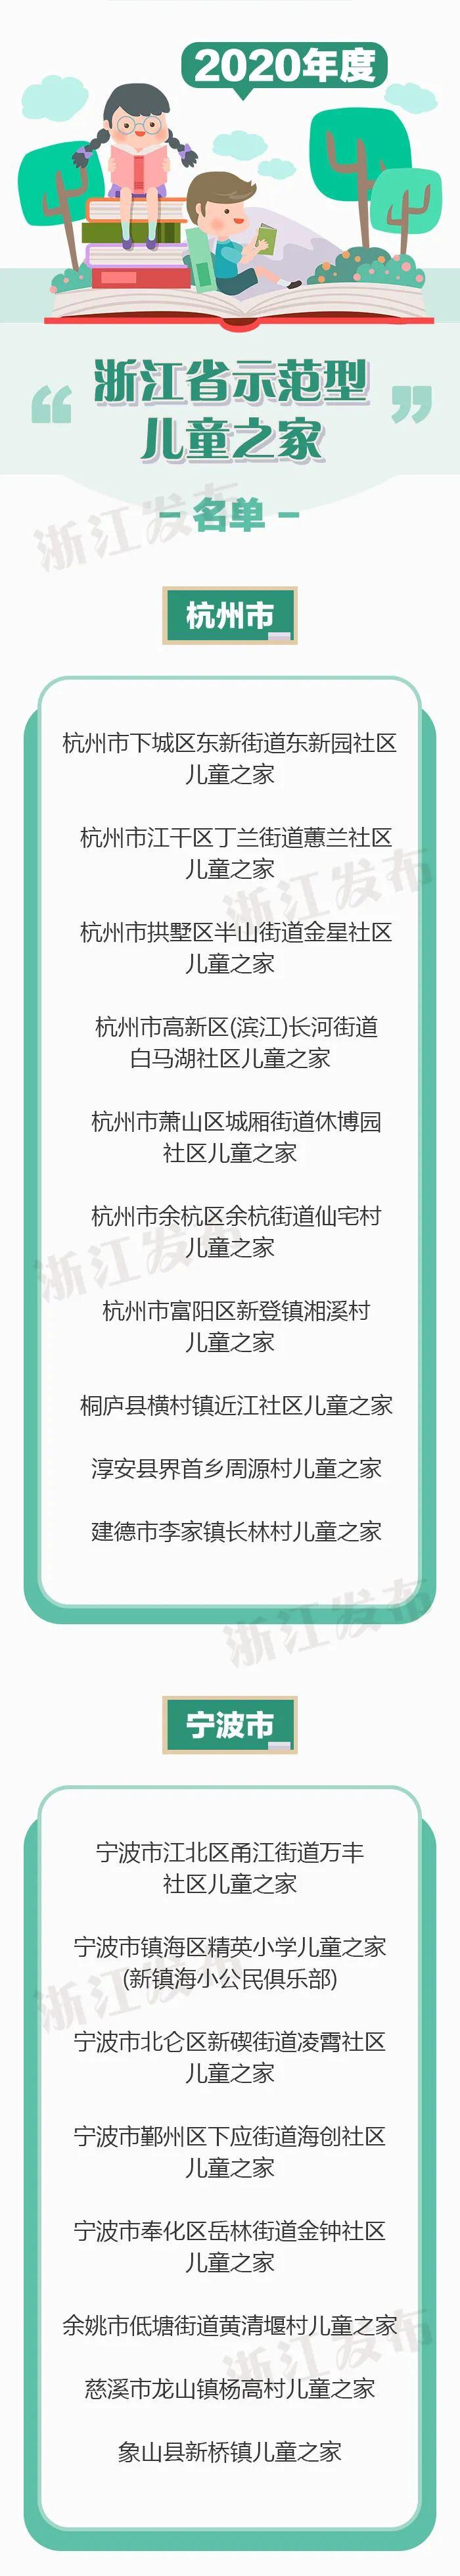 浙江新增100家省级示范型单位!有没有你家附近的?